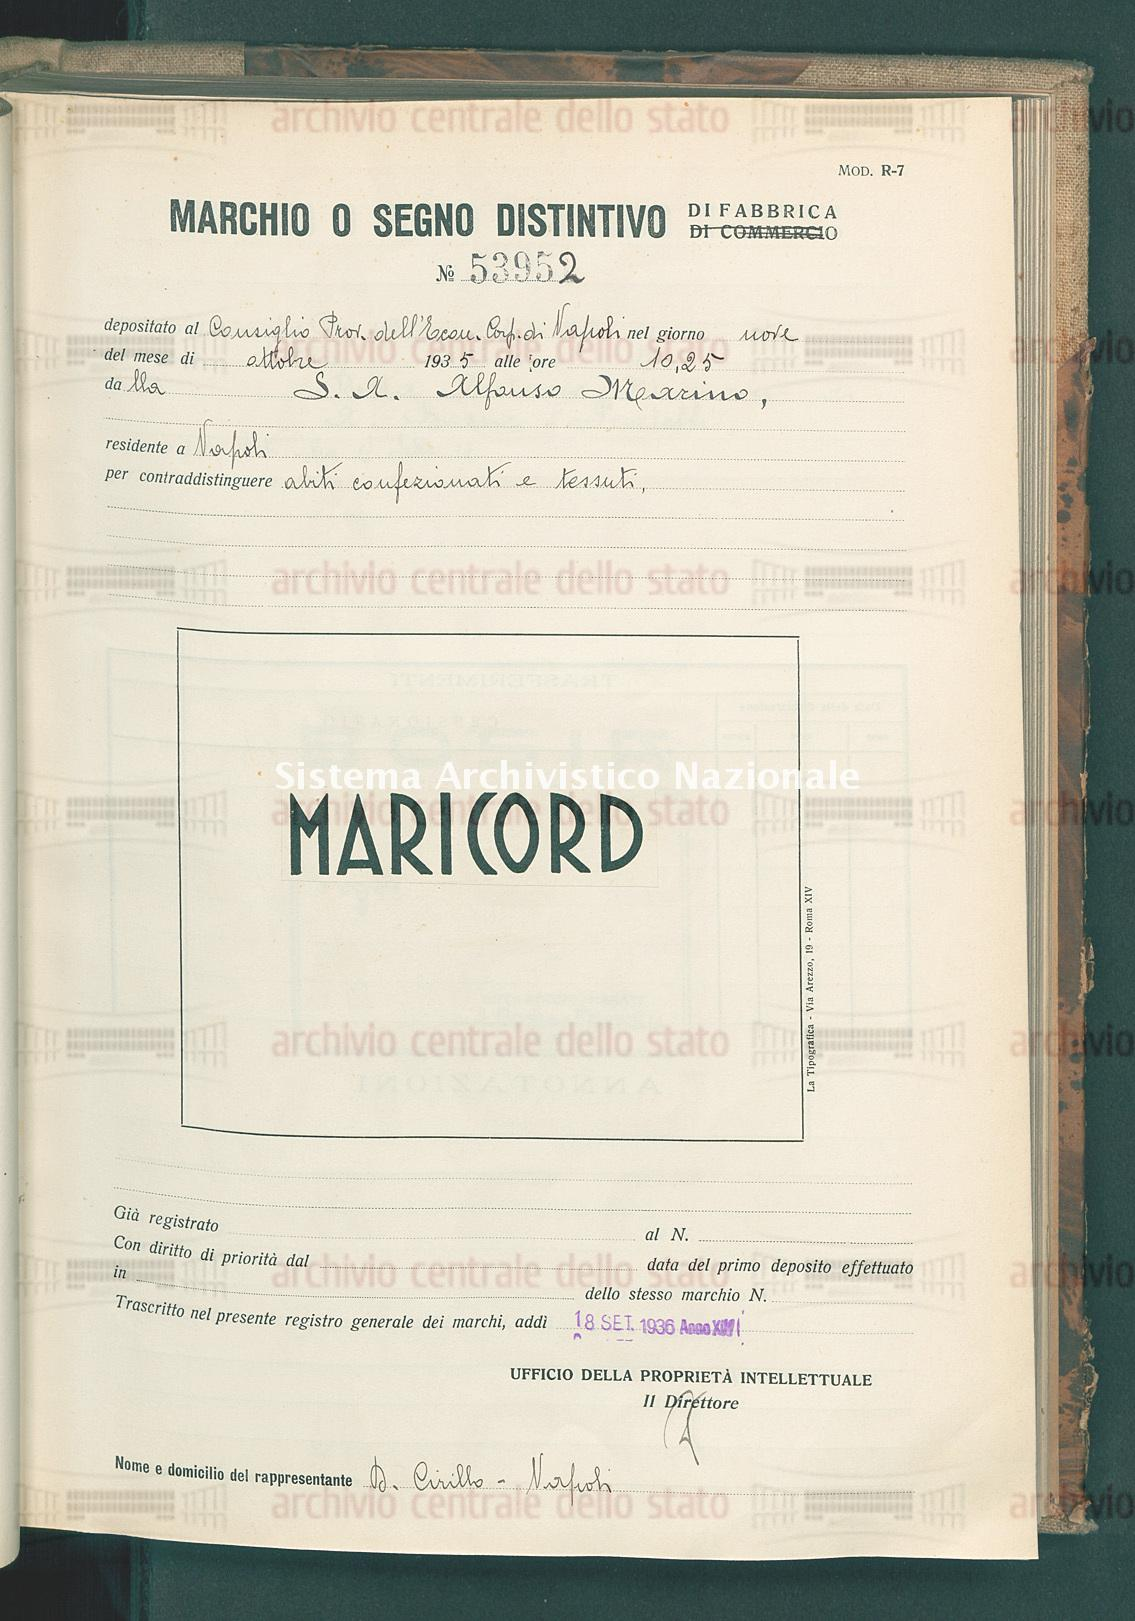 Abiti confezionati etc. S.A. Alfonso Marino (18/09/1936)